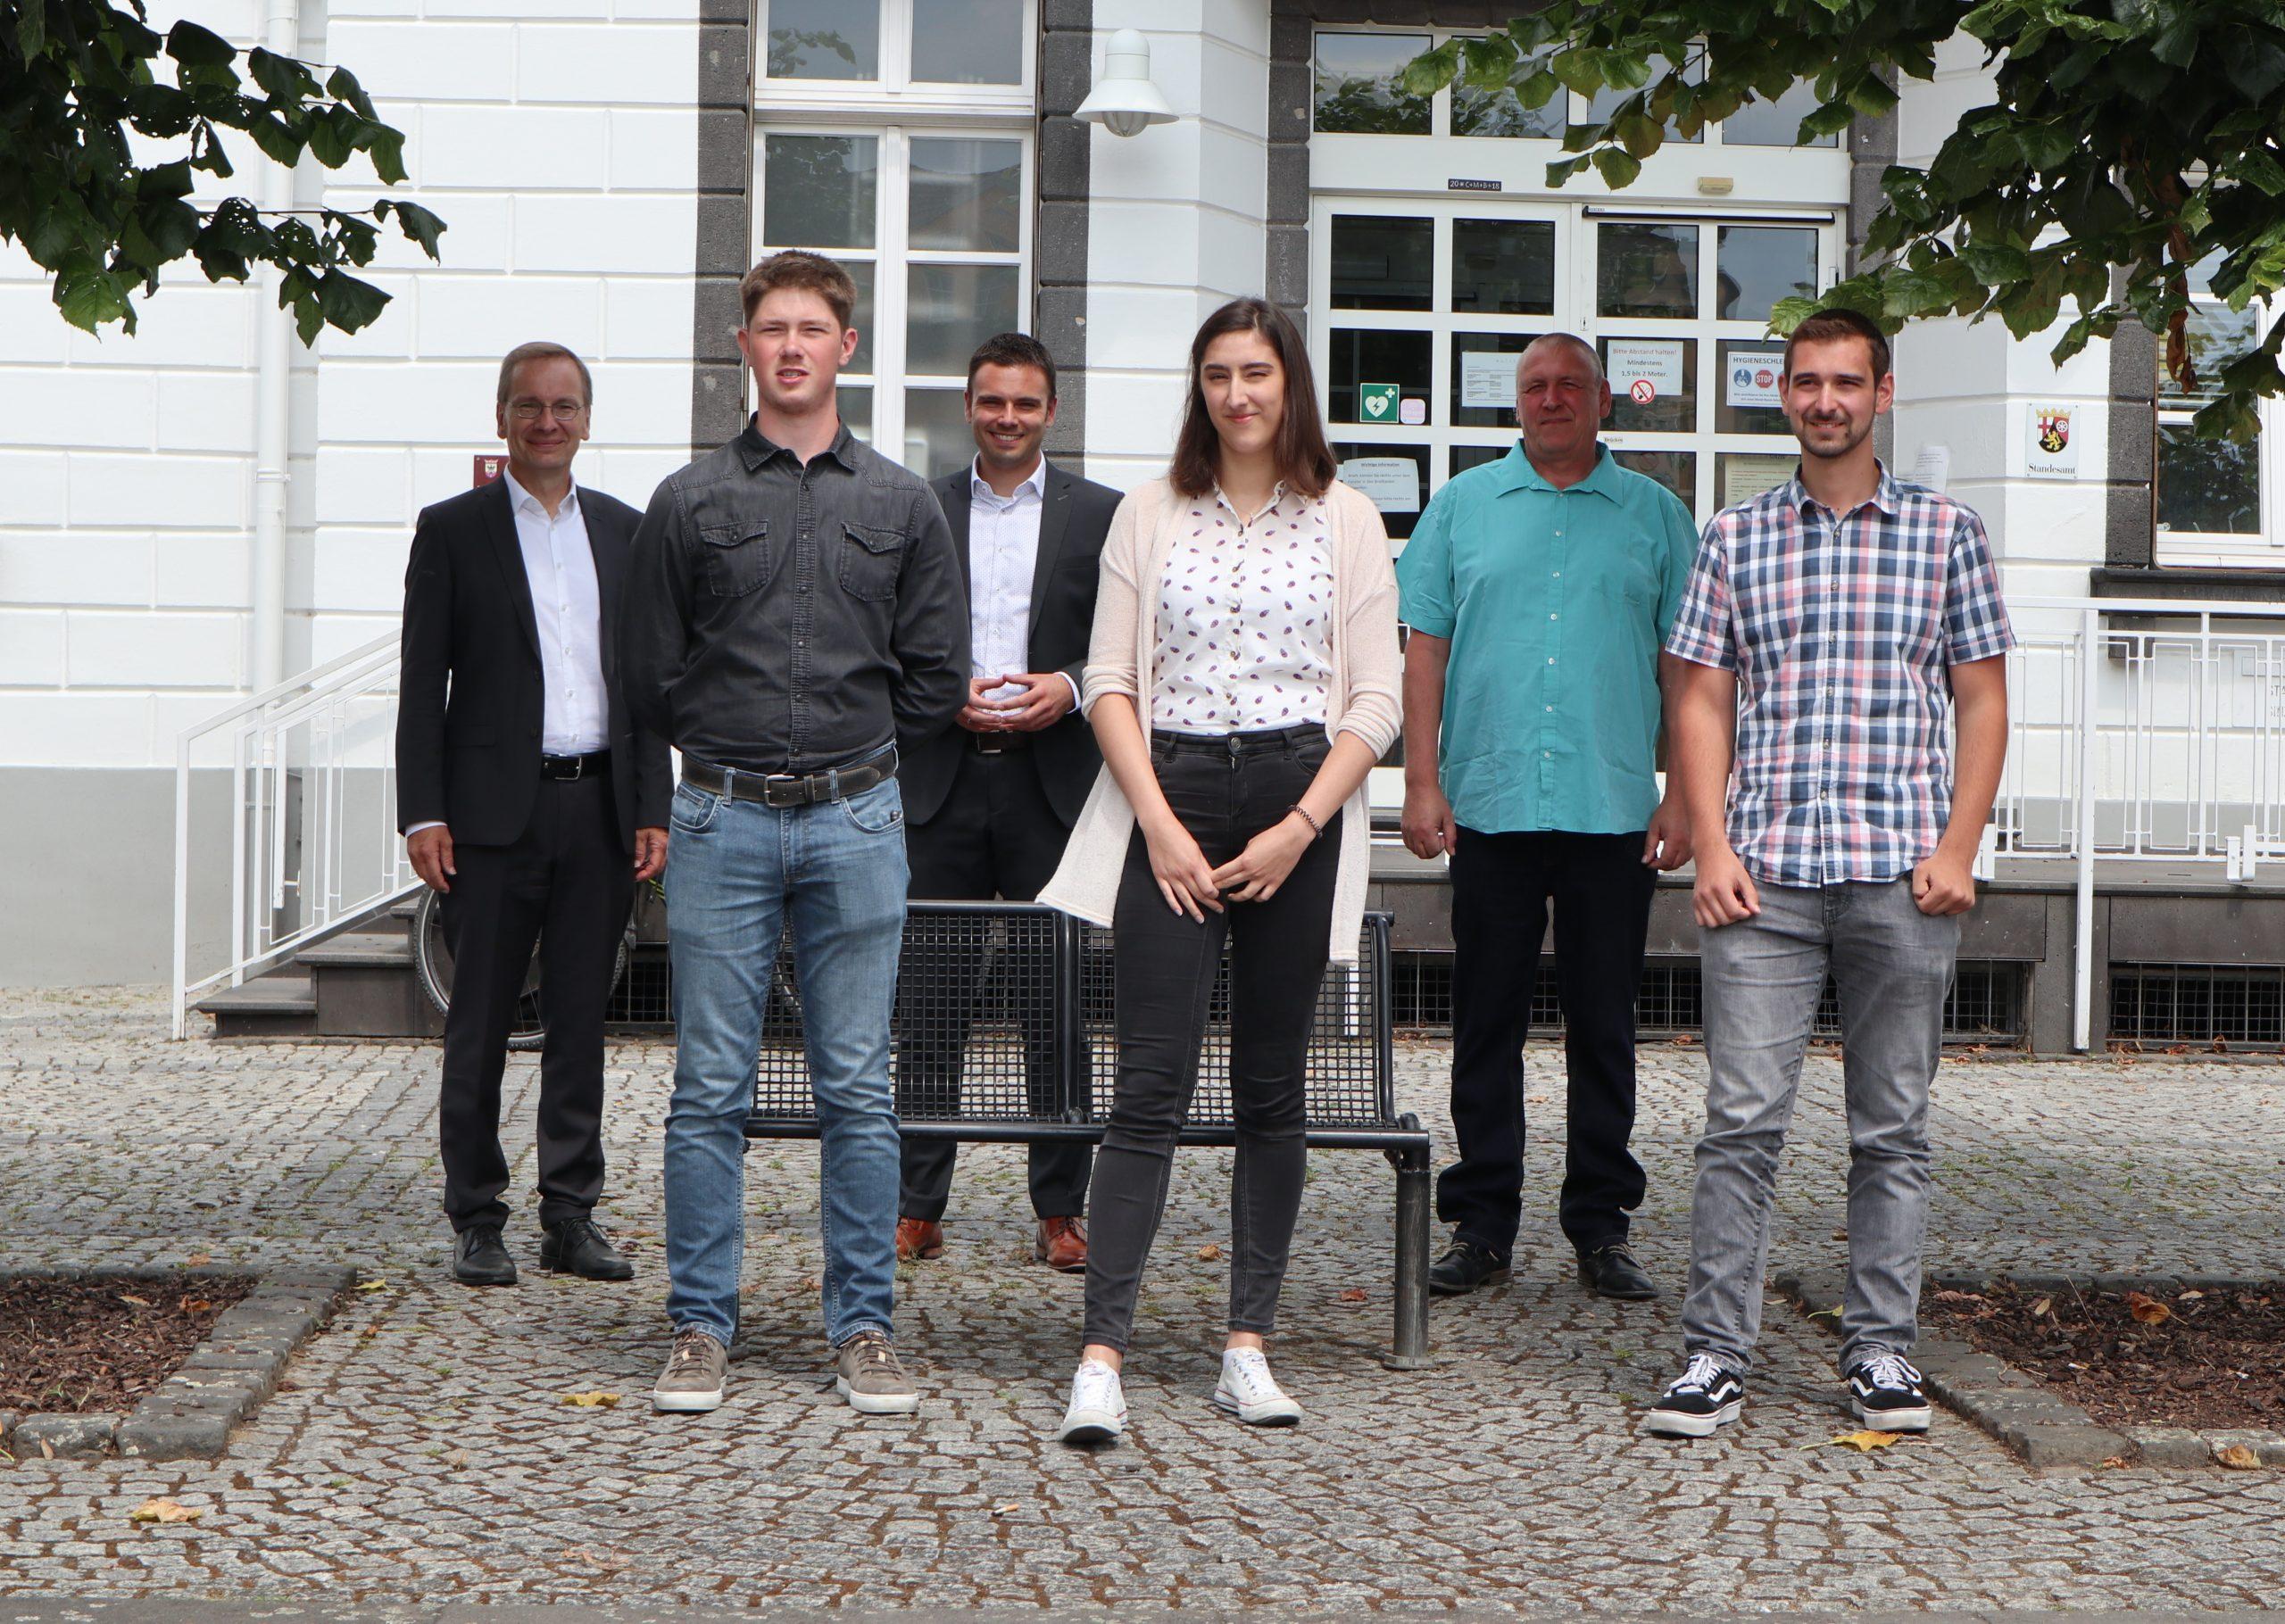 Erfolgreiche Absolventen verstärken das Team der Stadtverwaltung